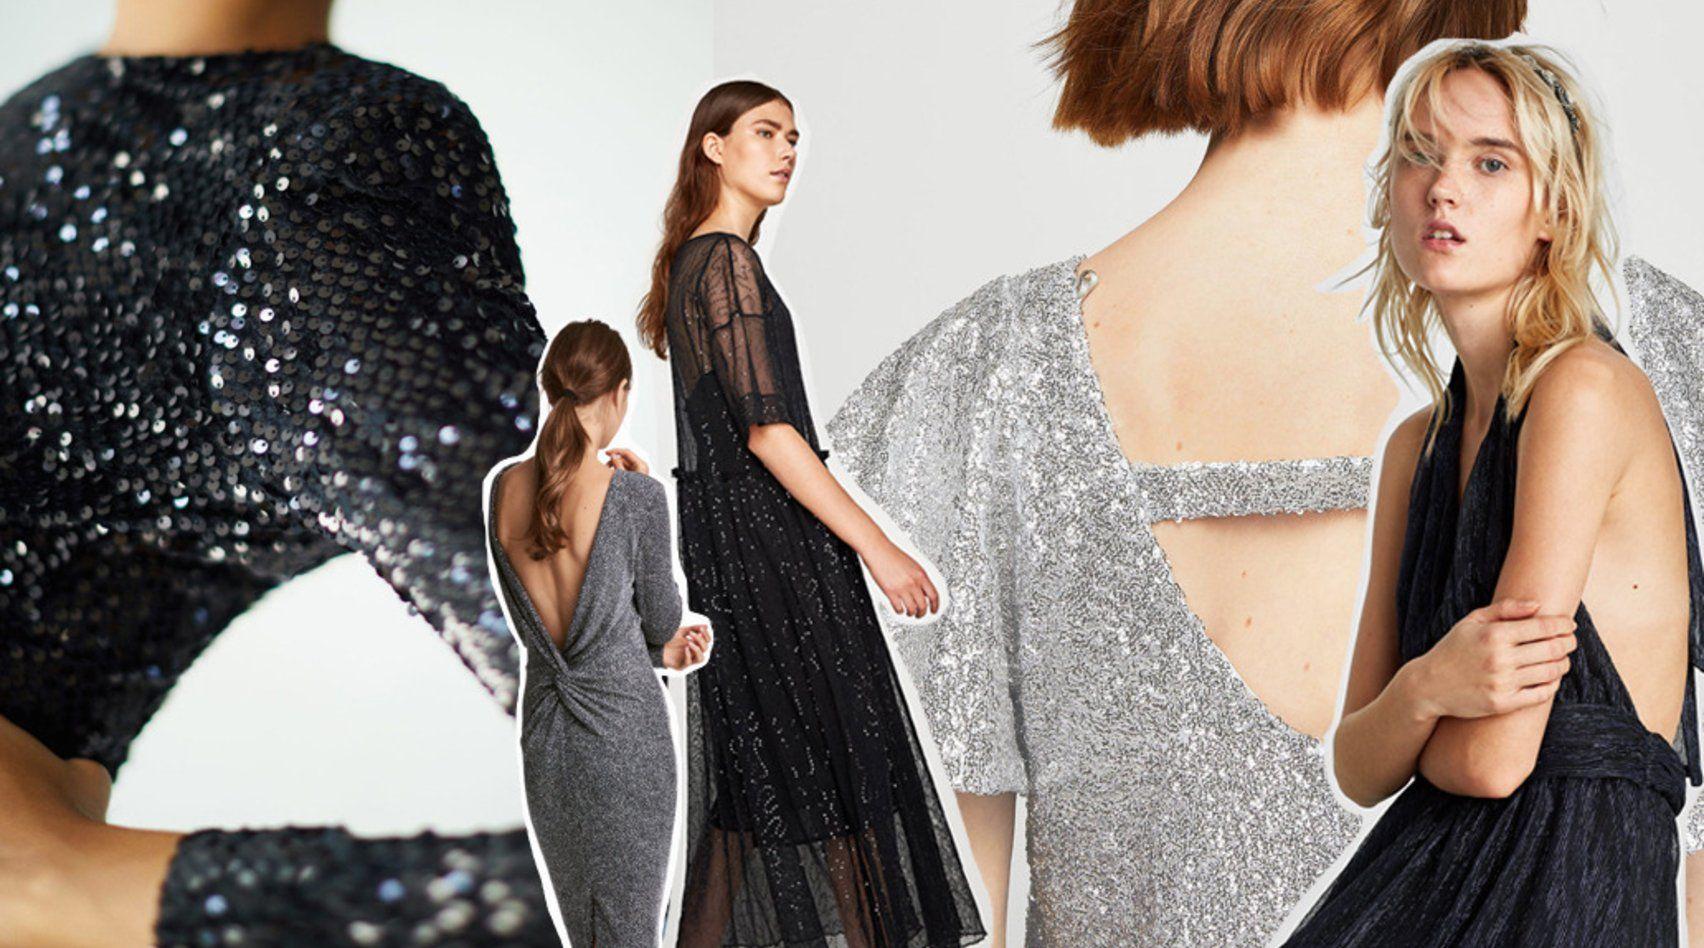 Die schönsten Glitzer-Kleider für die Partysaison | Glamouröse ...